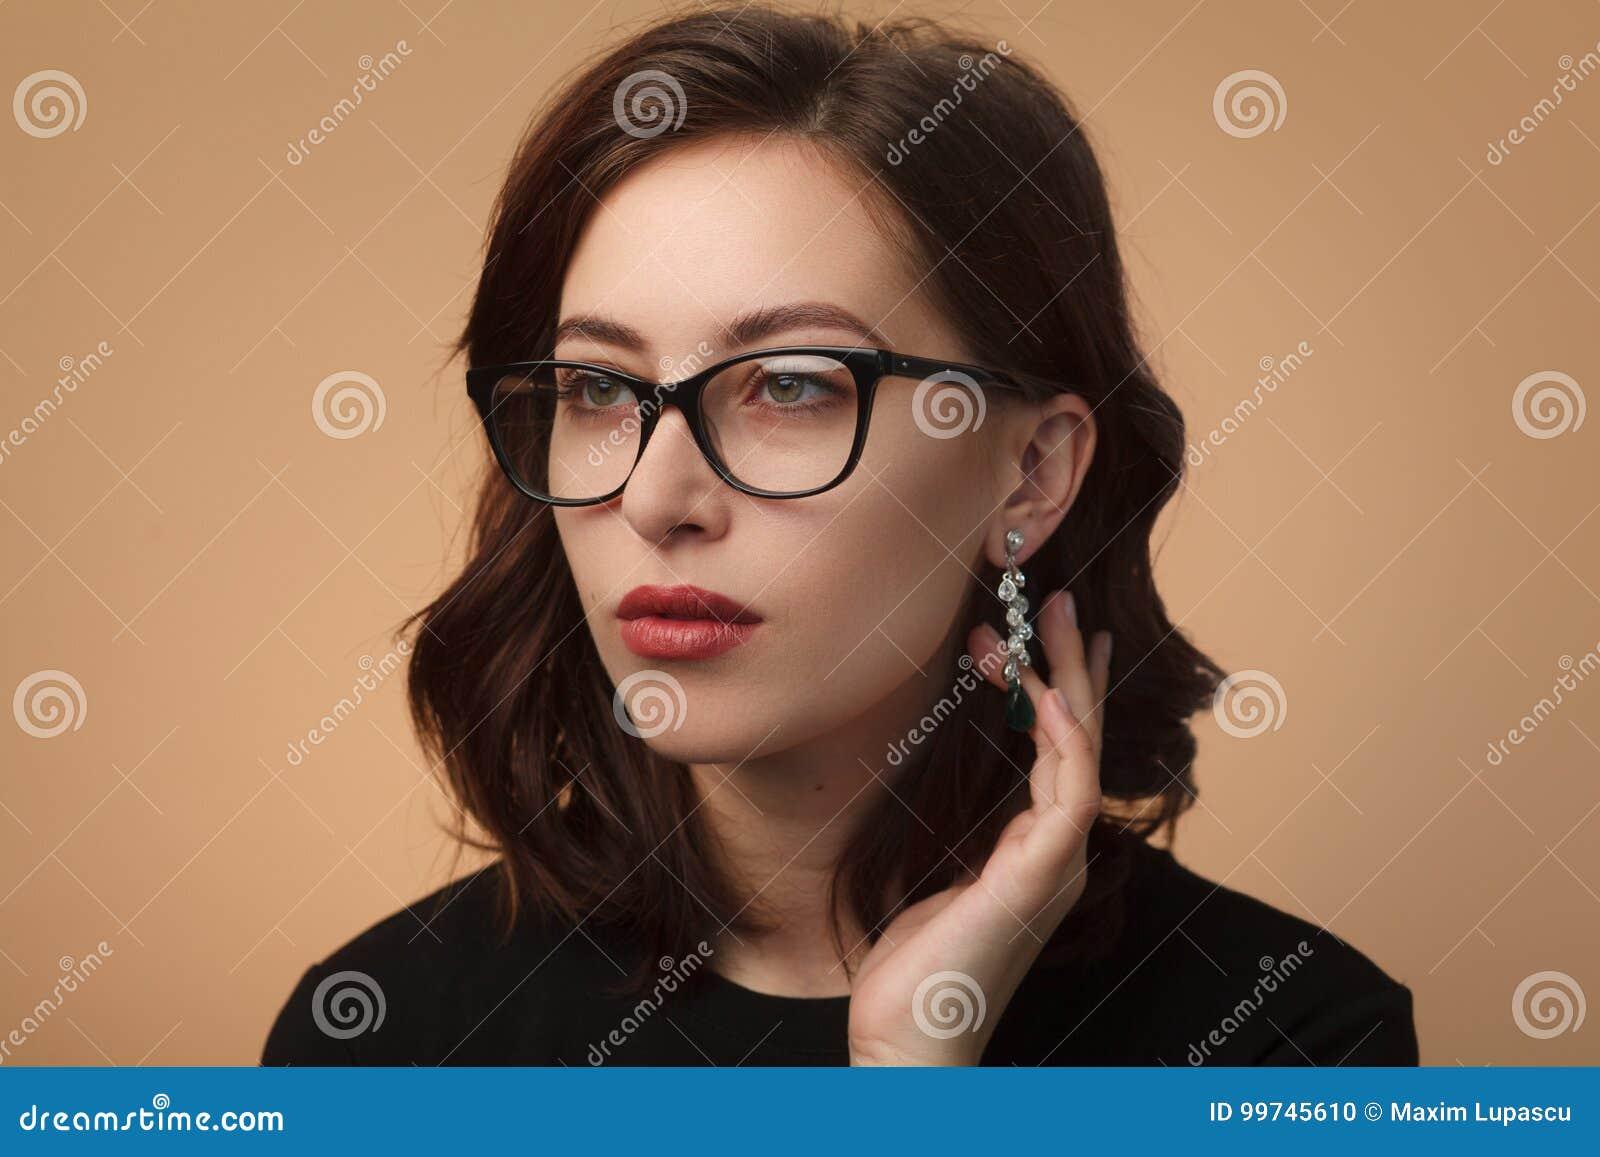 8b36951946a08 Retrato de las lentes que llevan y de la mirada de la chica joven lejos en  fondo del estudio